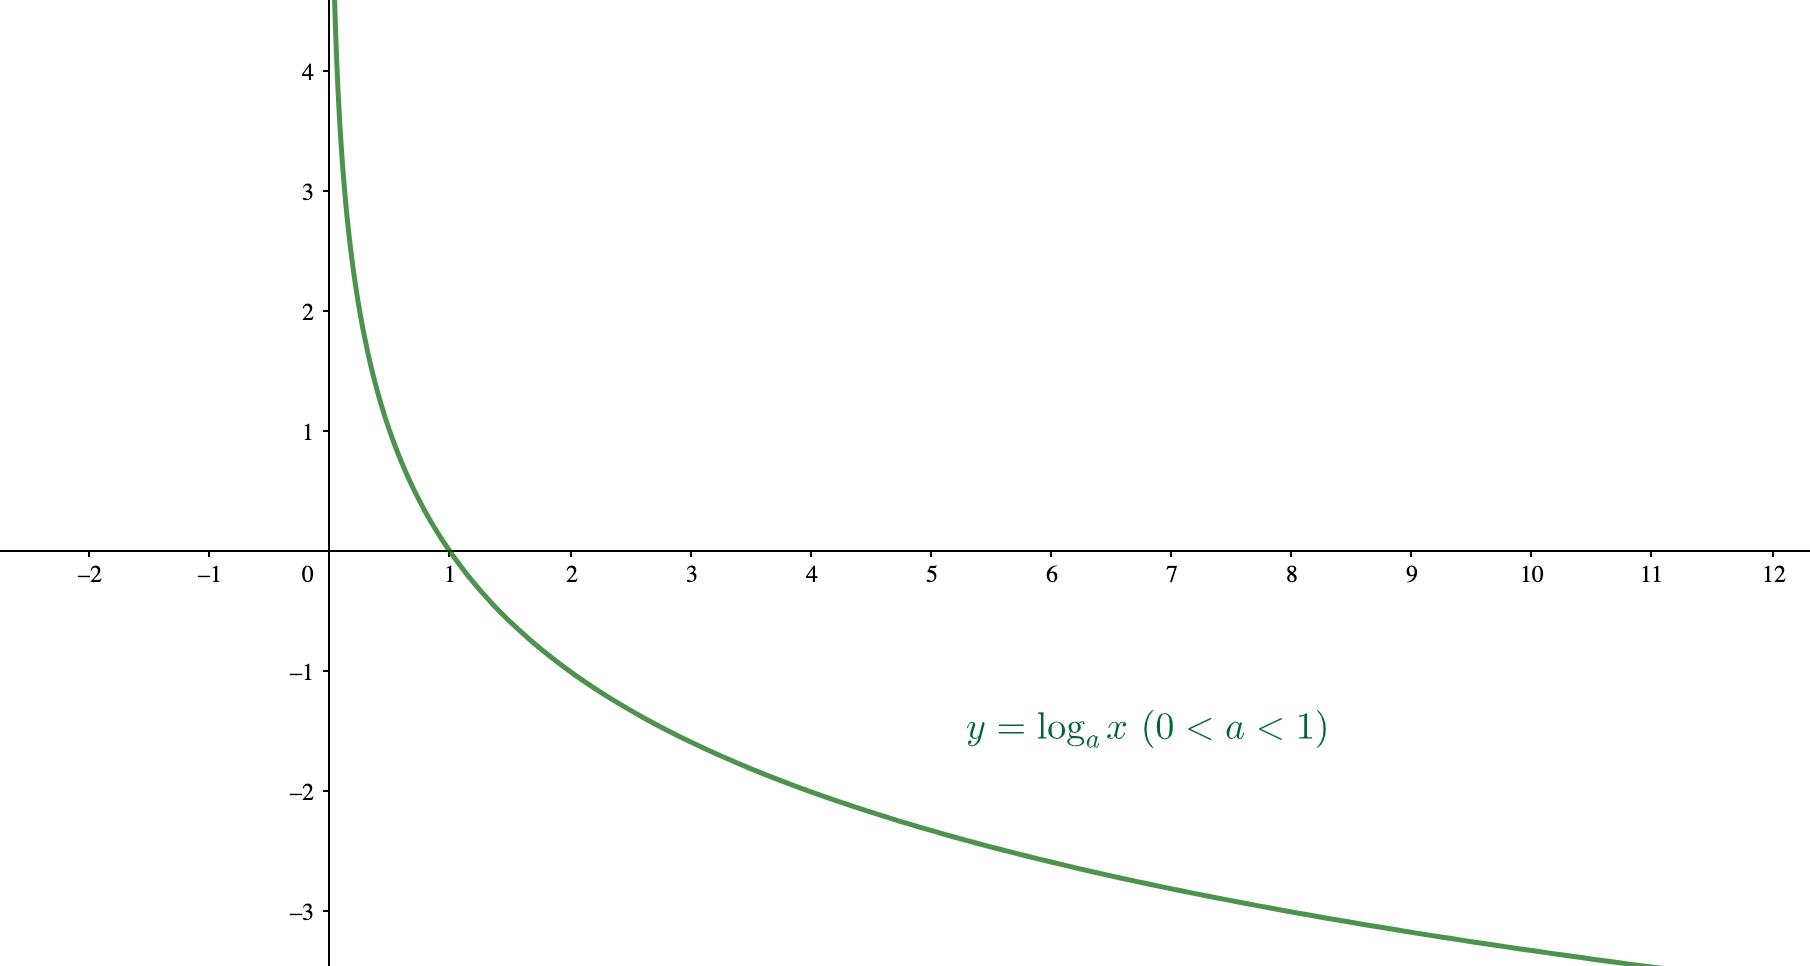 底が1より小さく0より大きい対数関数